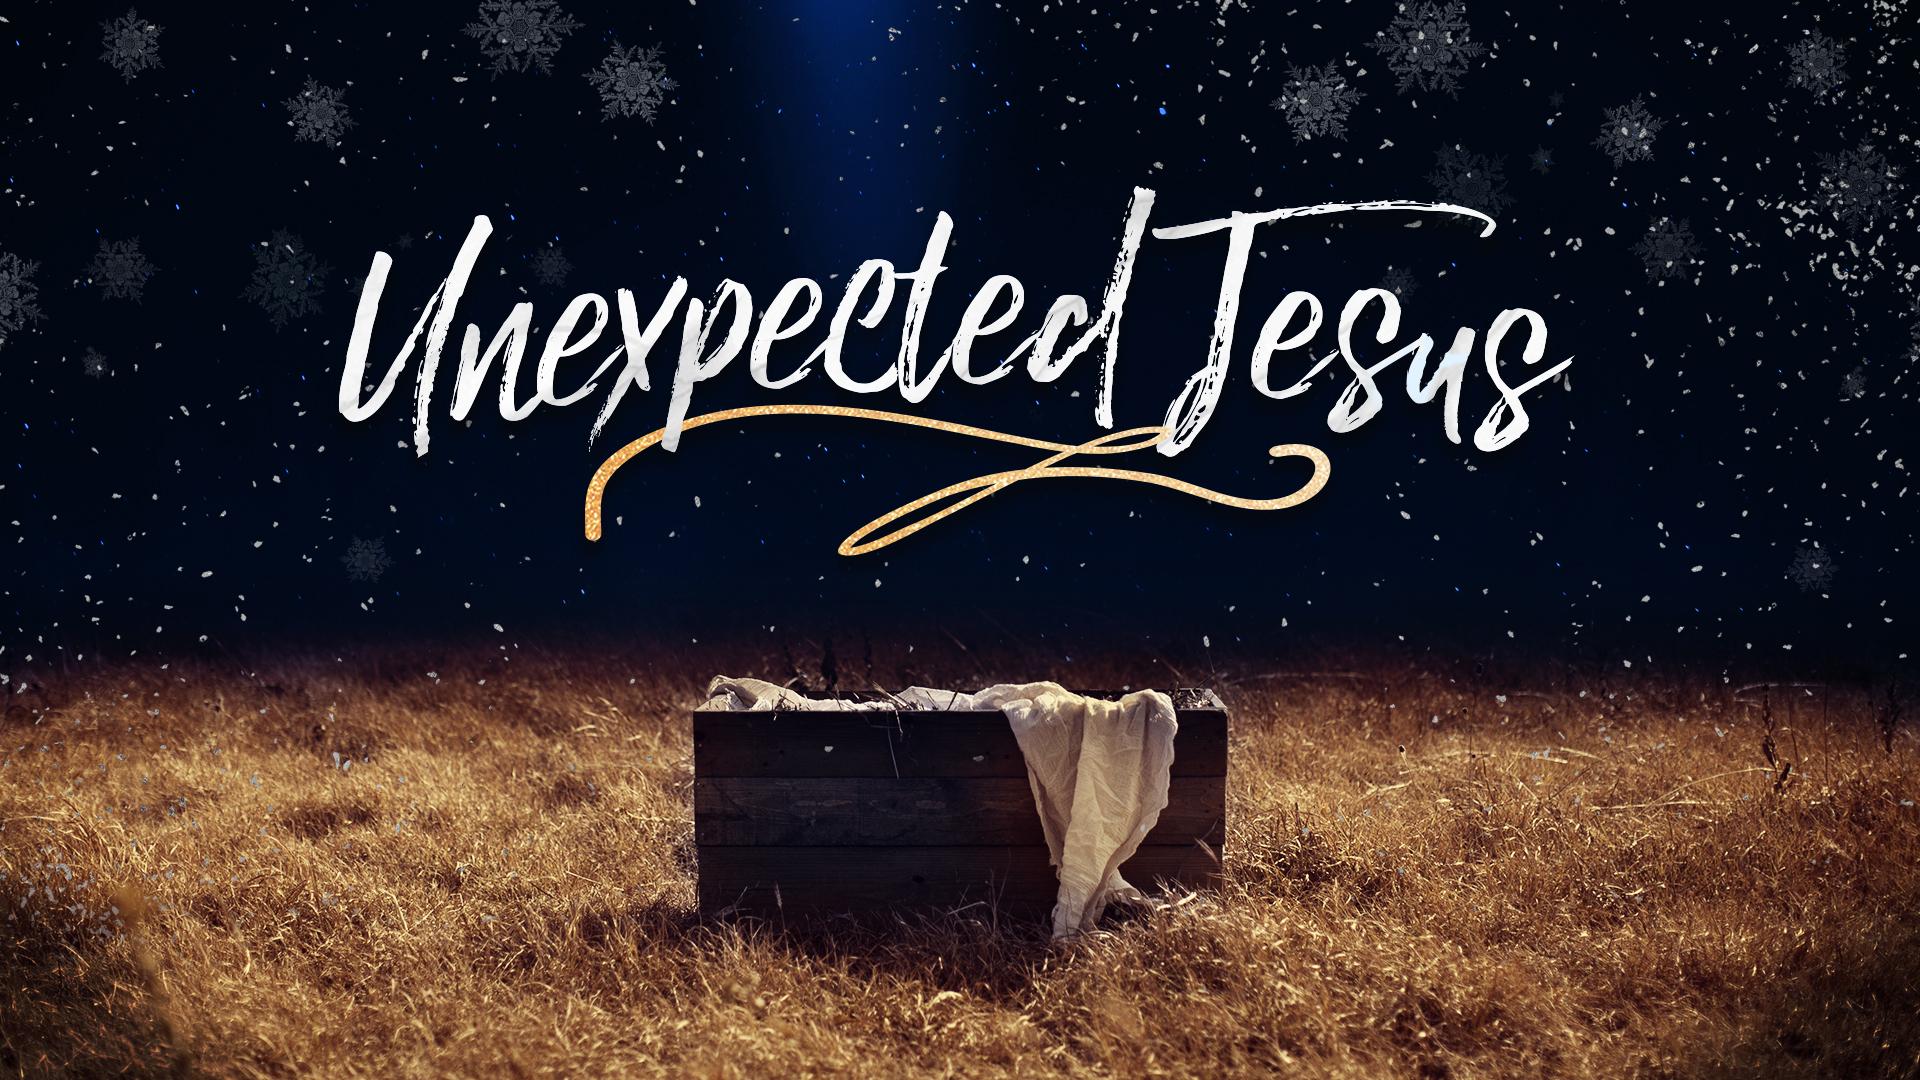 Unexpected Jesus Graphics.jpg